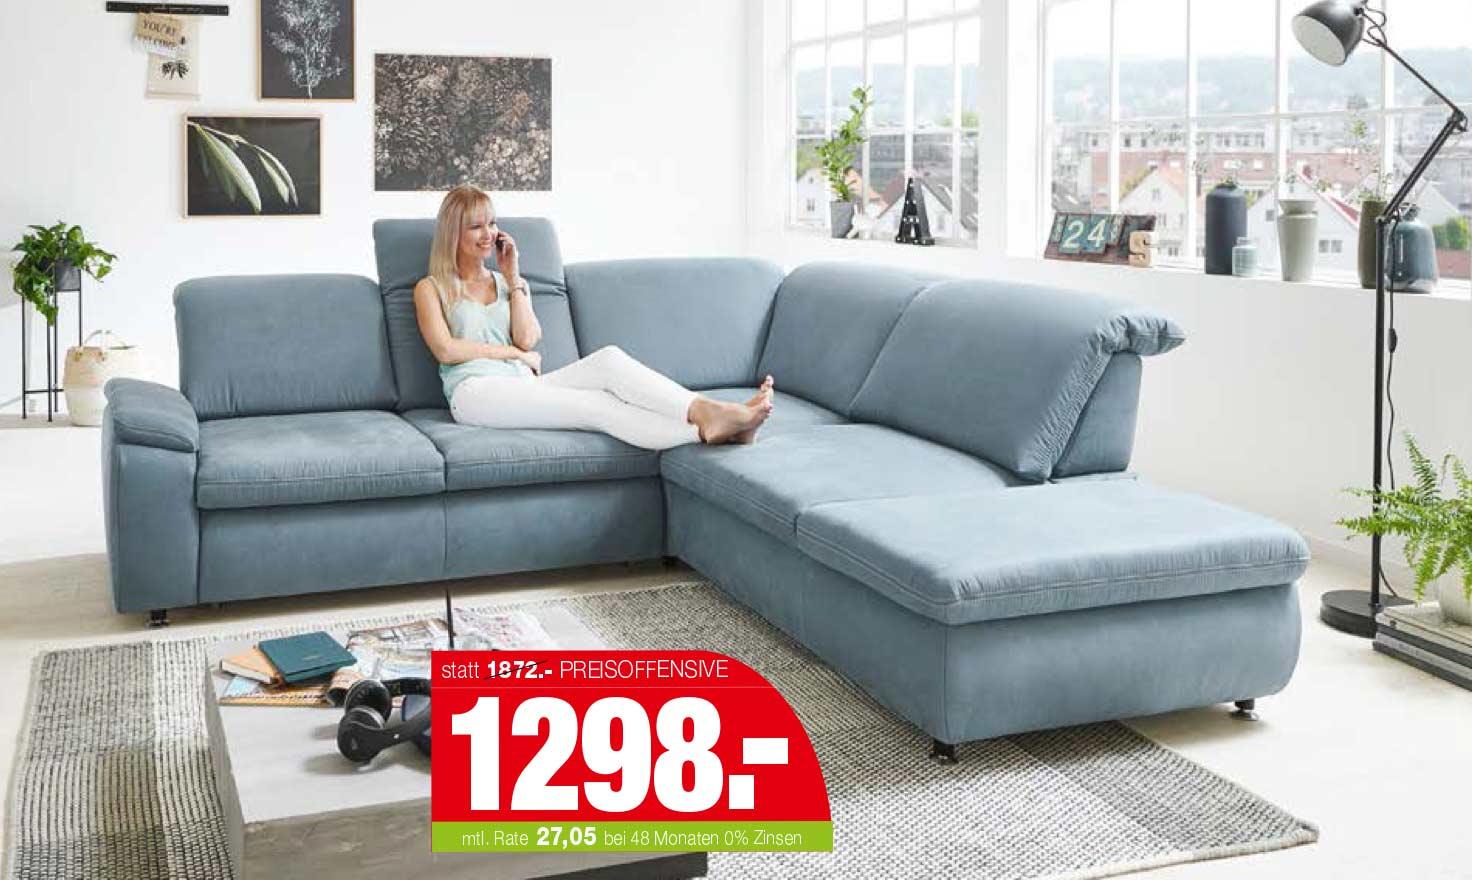 Full Size of Weiches Sofa Und Couch Zum Besten Preis Kaufen Company In Paderborn Online Kissen Grau Weiß Inhofer Türkis Canape Schilling Mit Abnehmbaren Bezug Wildleder Sofa Weiches Sofa